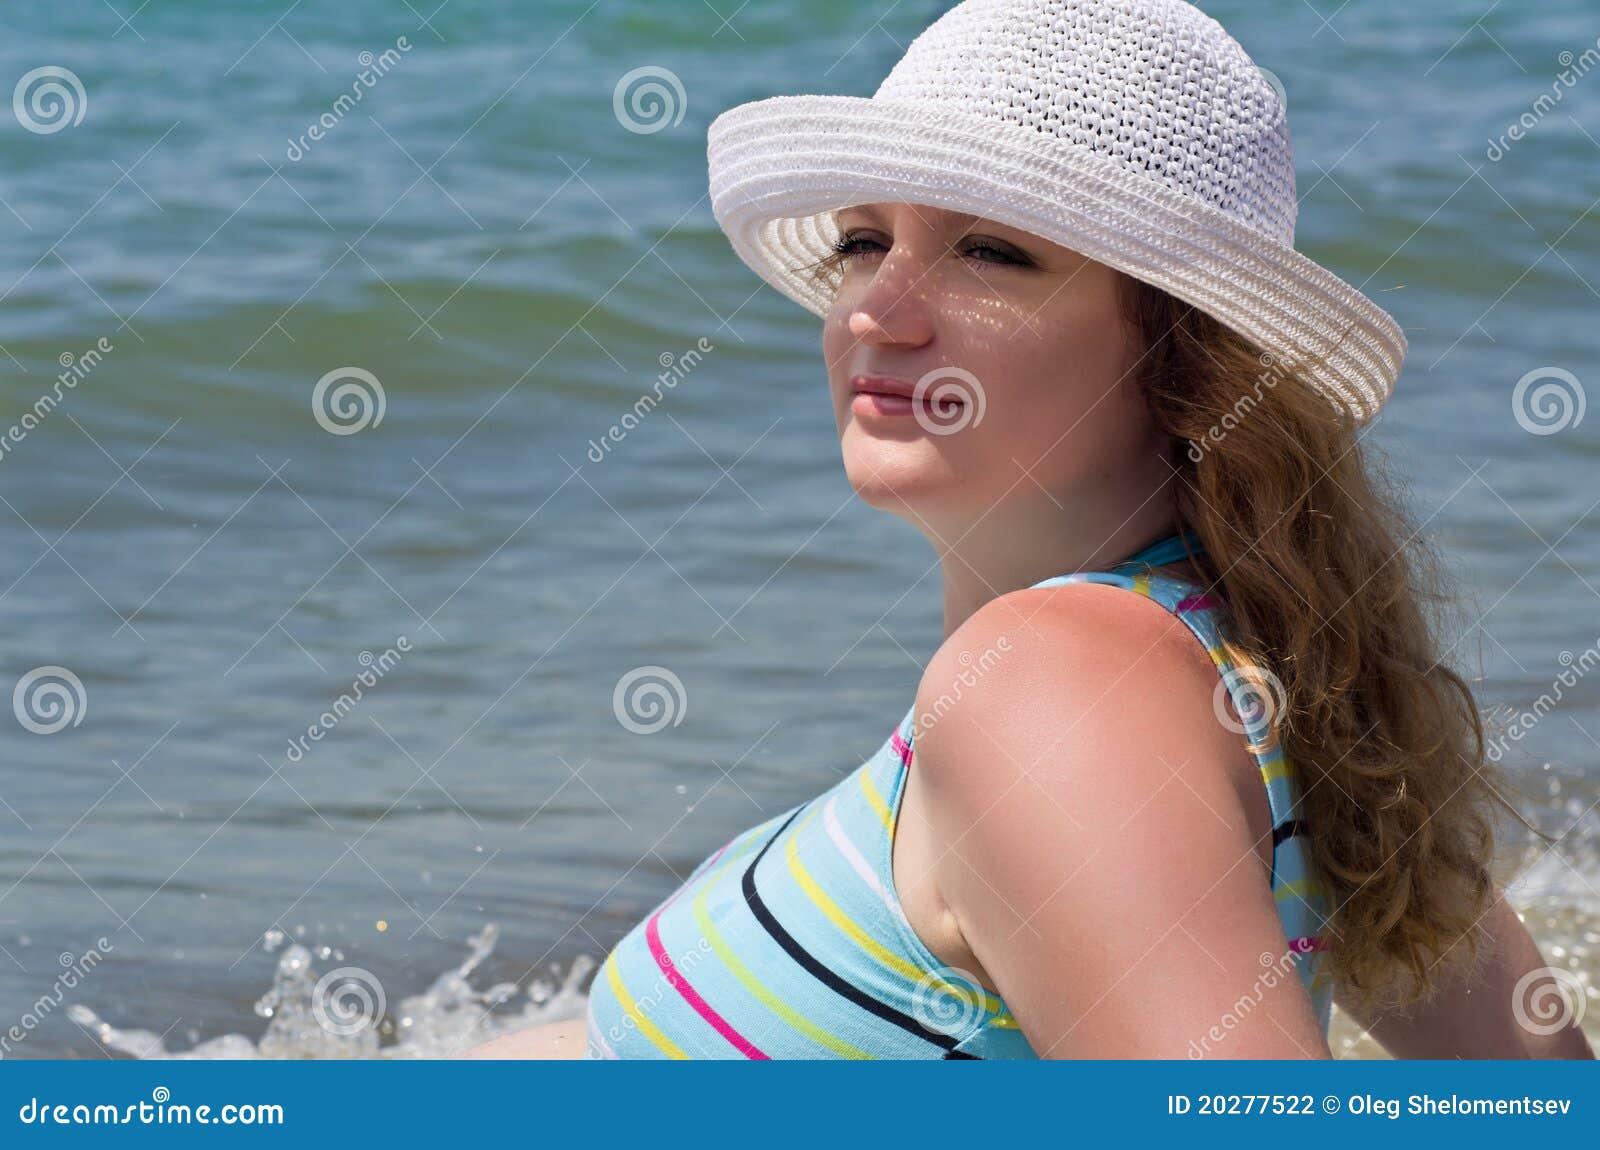 New nn Ocean Dreams Models nn Ocean Dreams Models